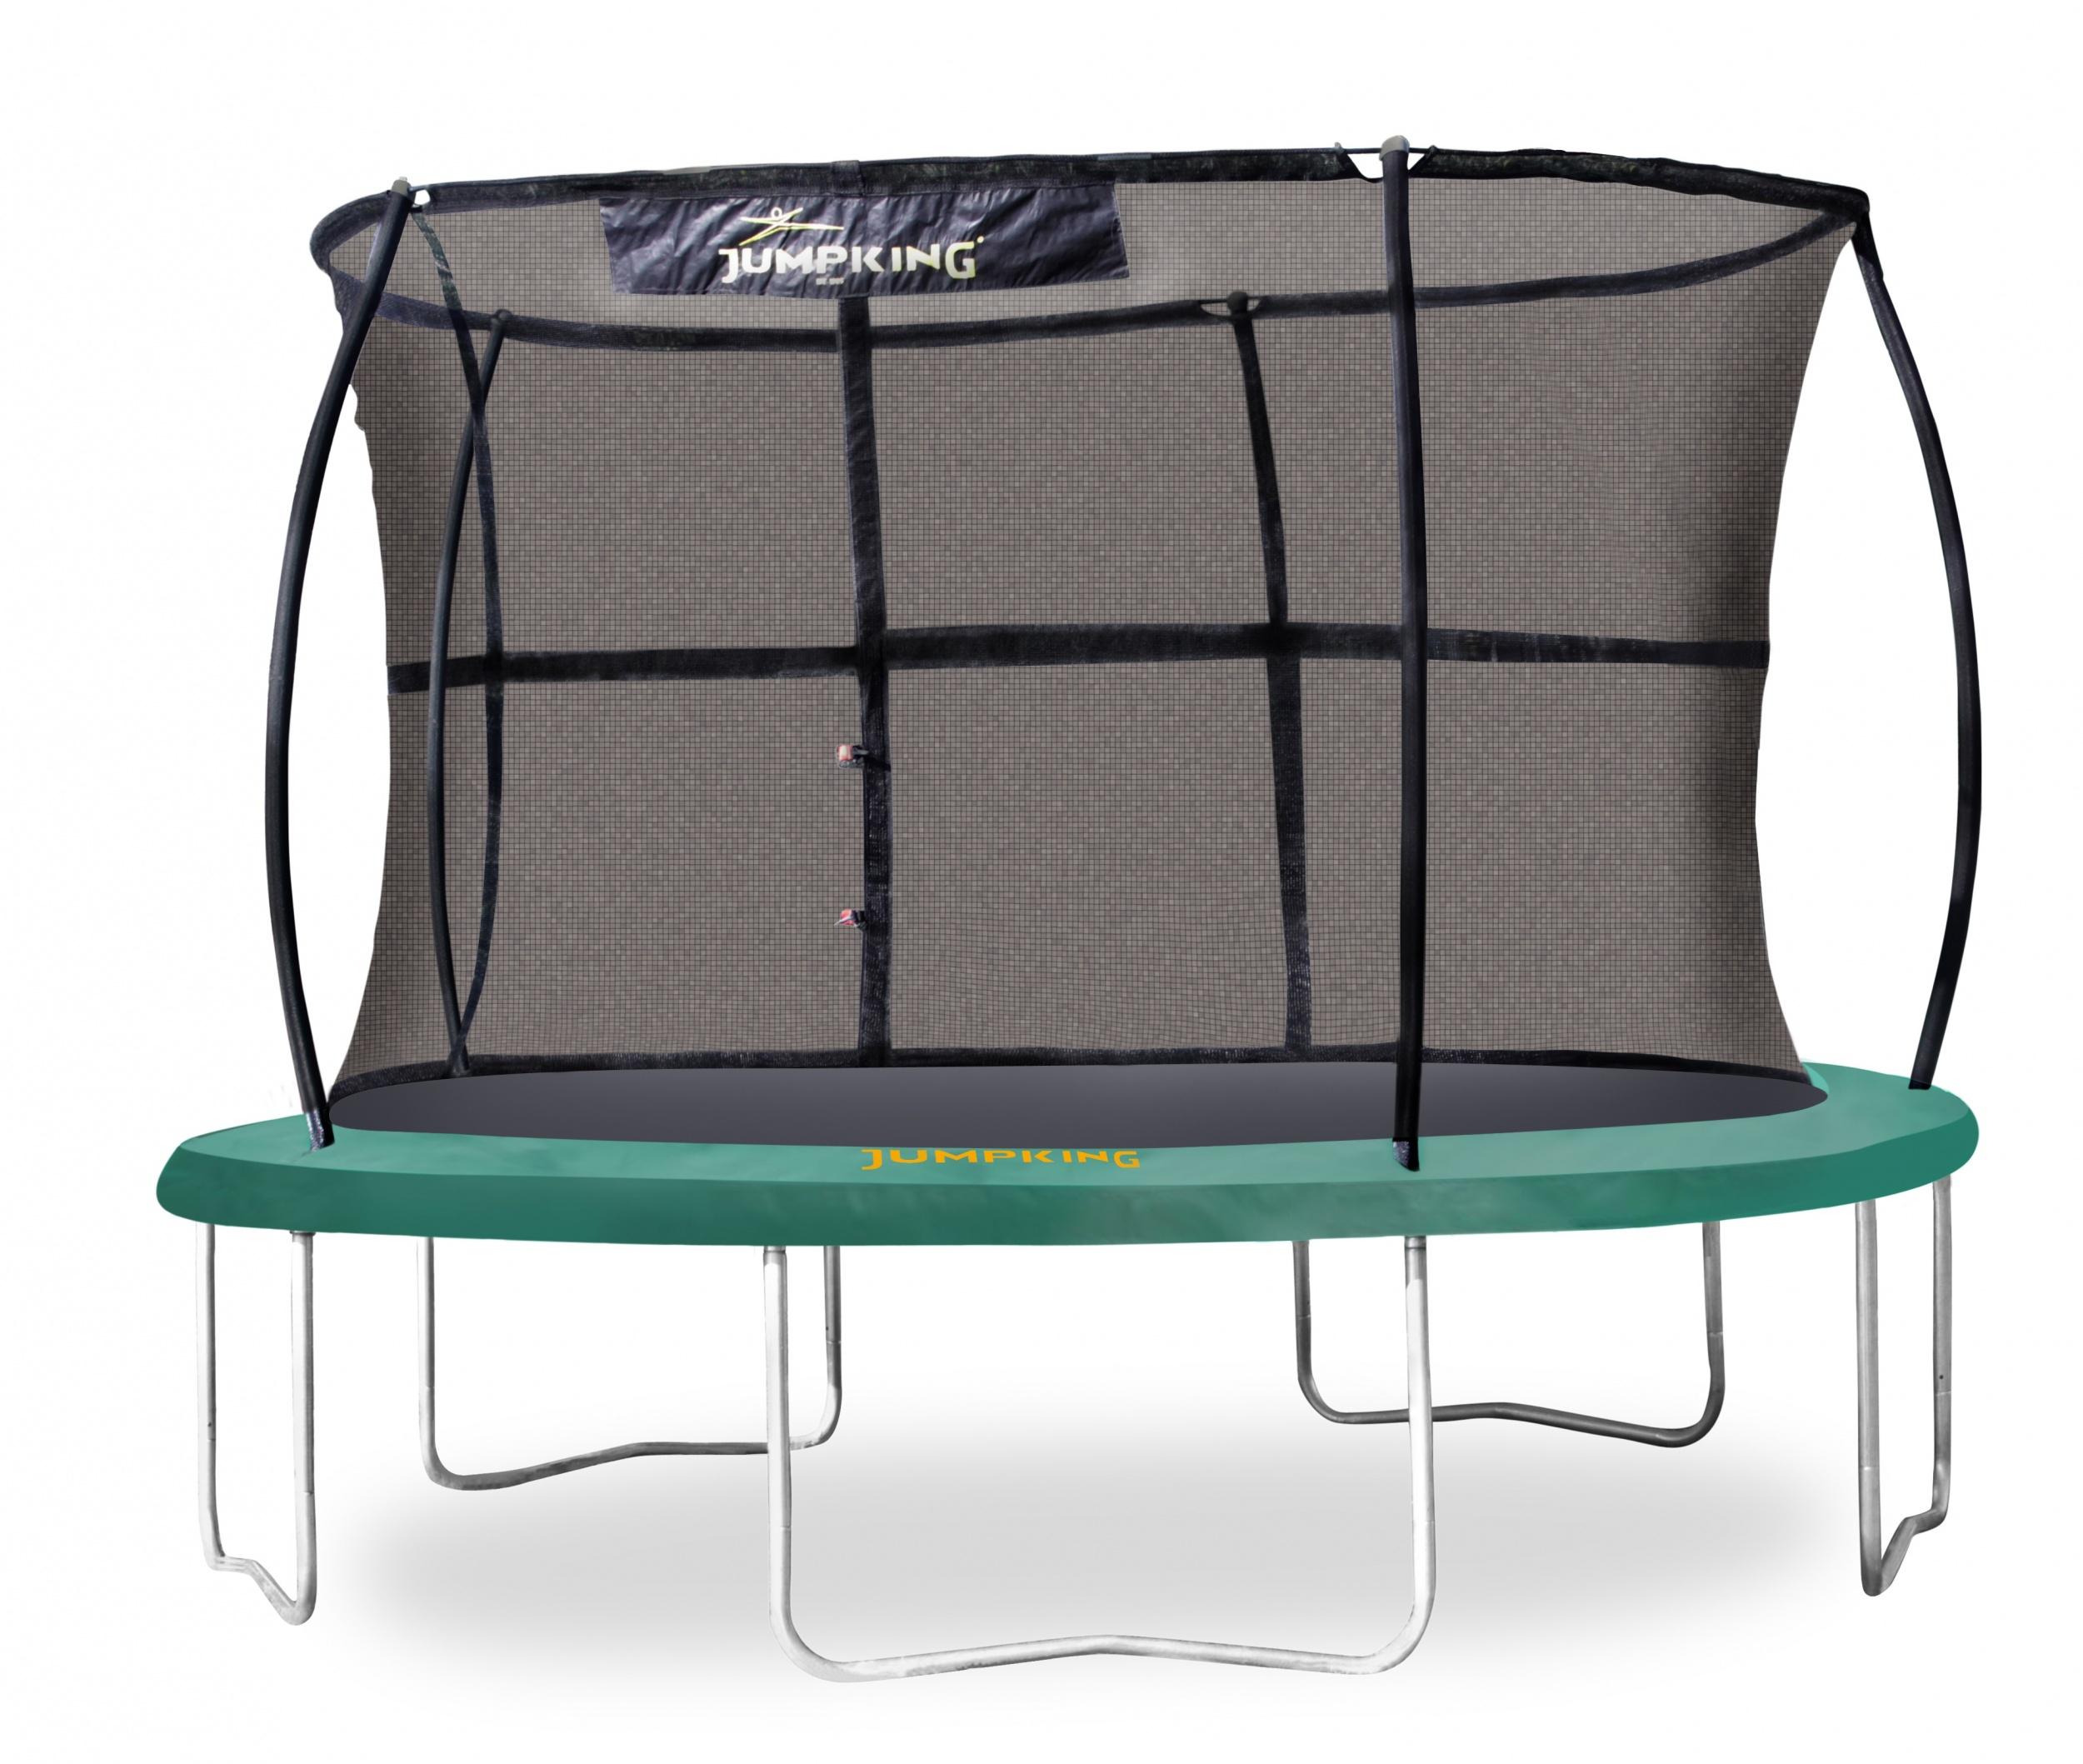 Jumpking trampolin mit Sicherheitsnetz JumpPod Classic 305 cm grün